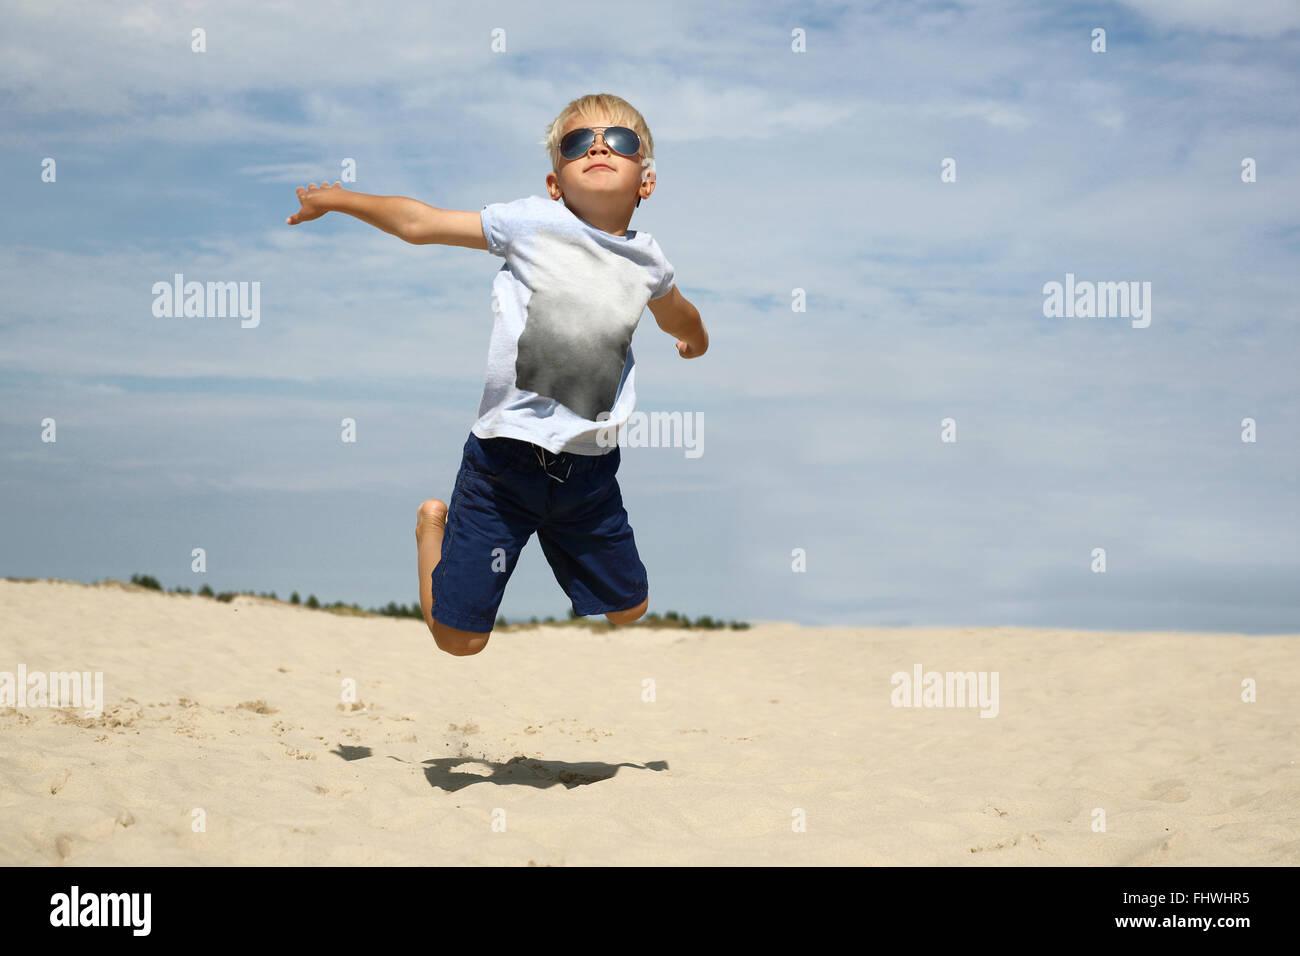 Ich kann fliegen! Der junge springt auf den Sandstrand. Urlaub! Stockbild